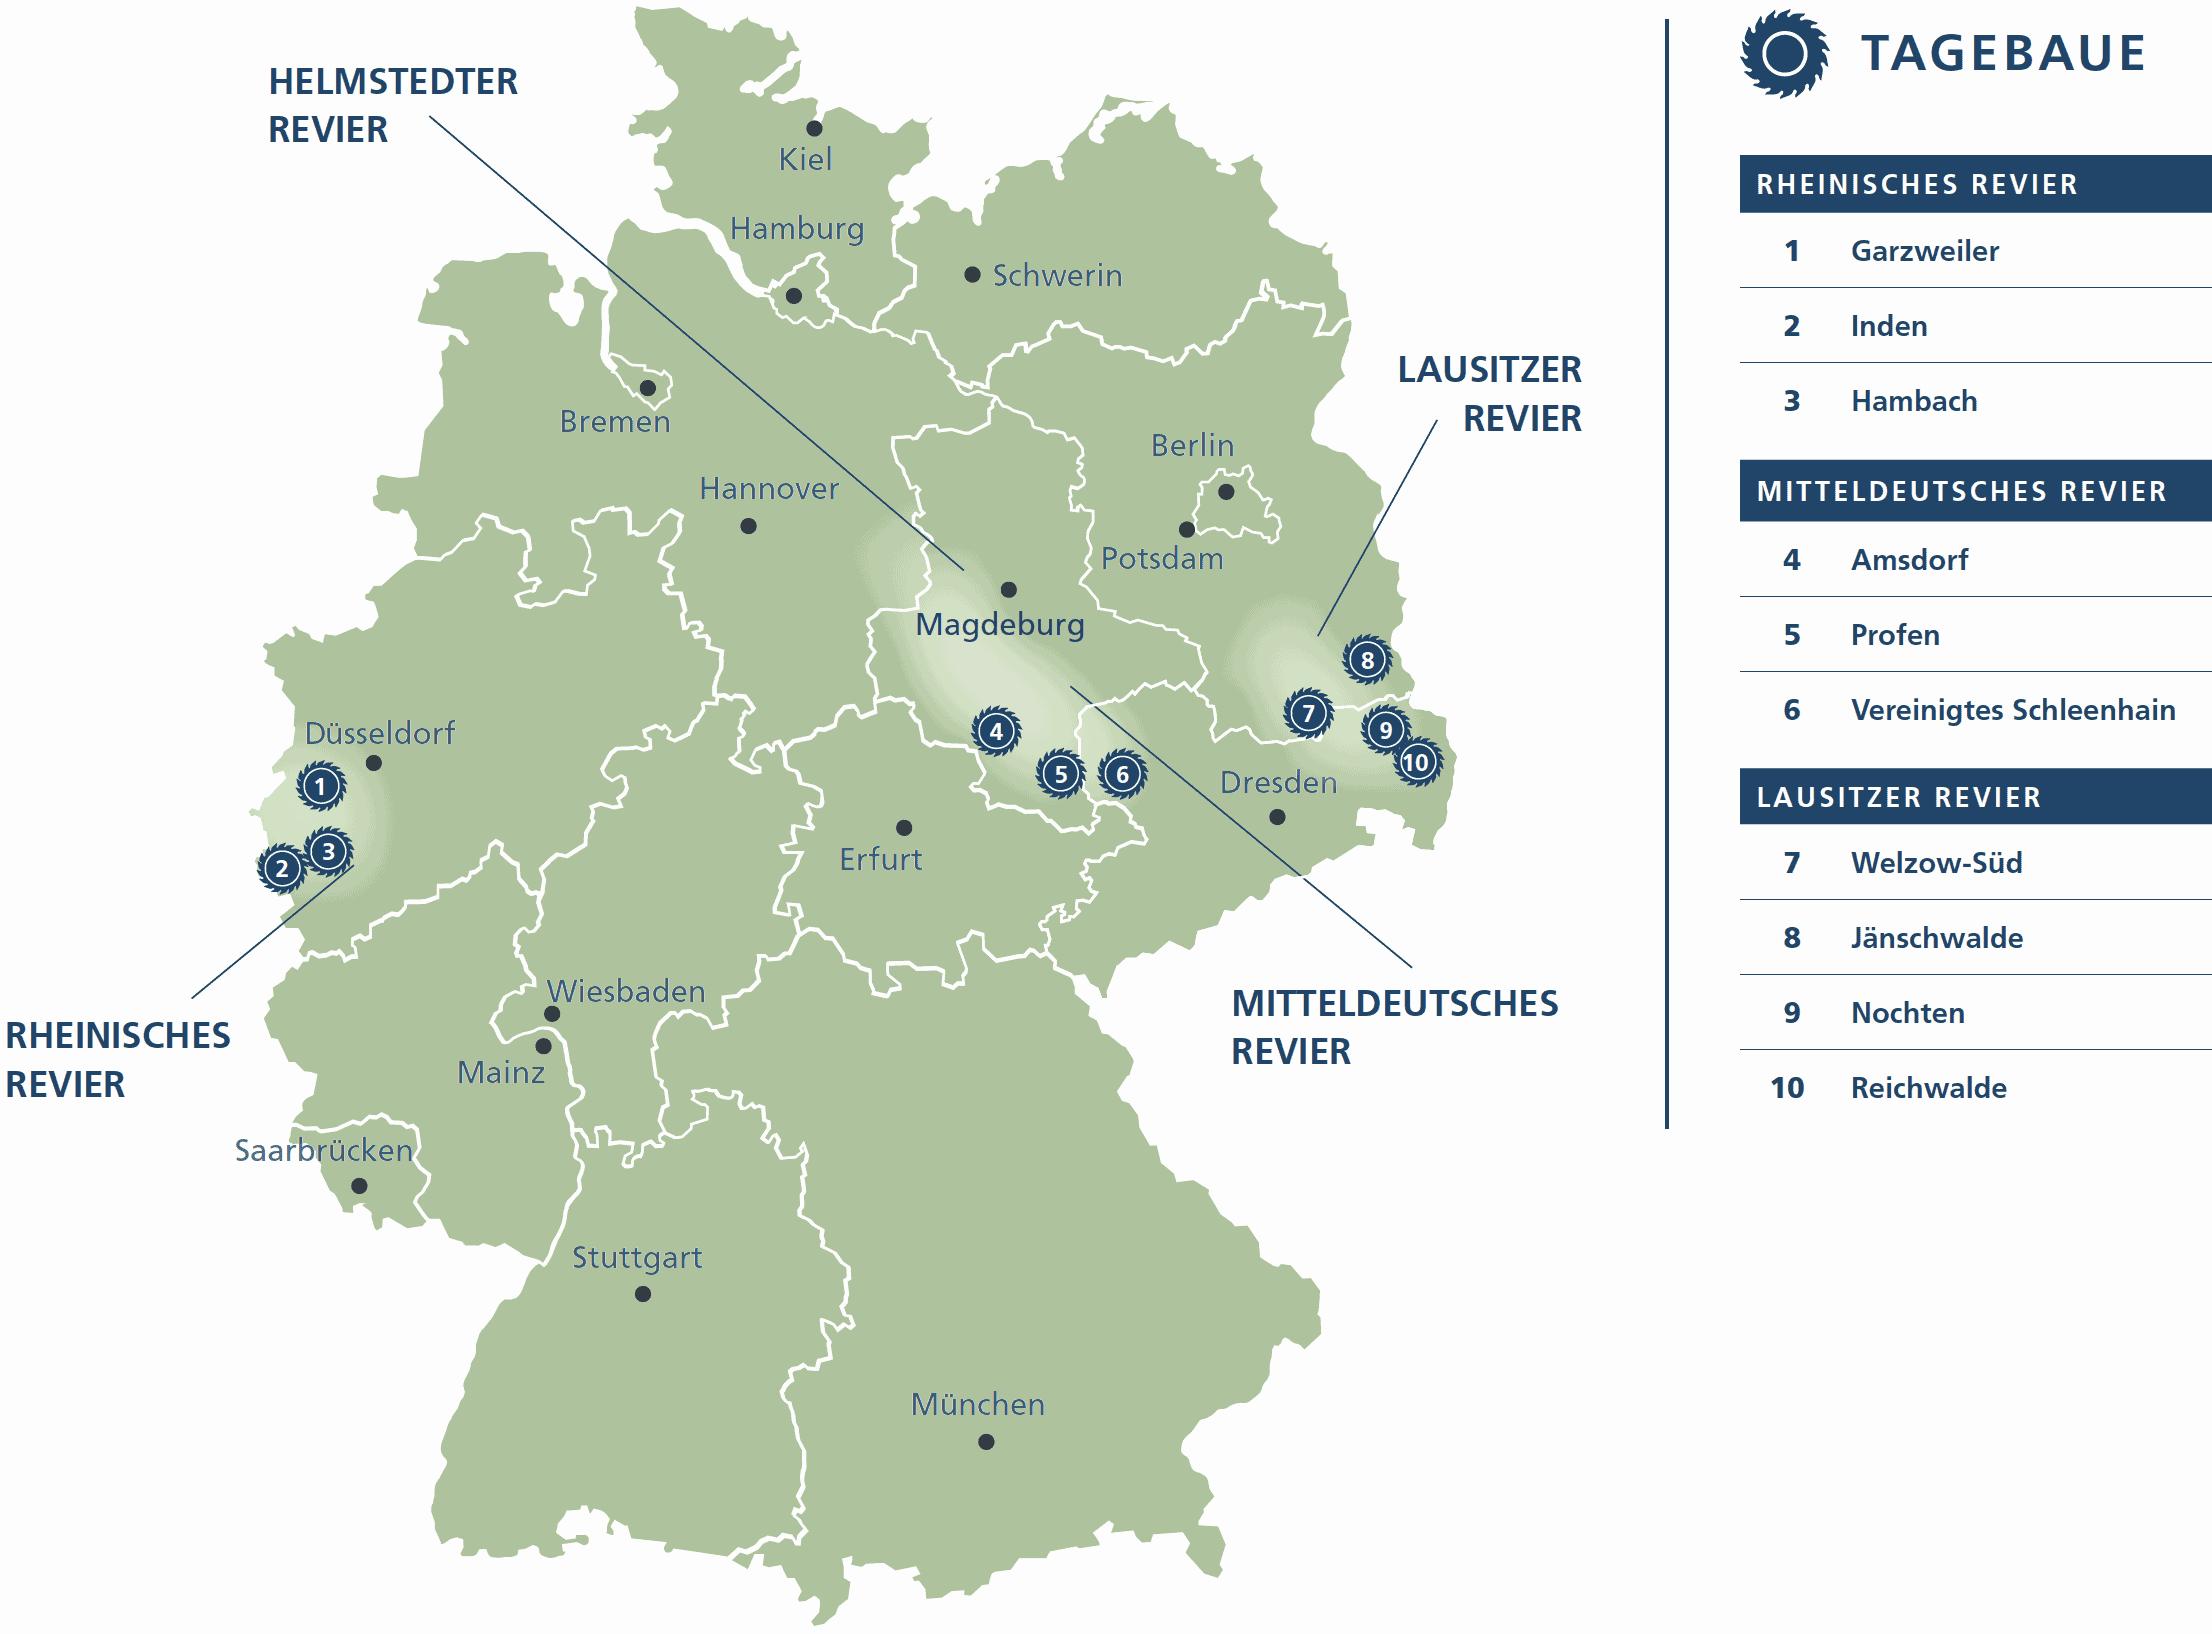 braunkohlegebiete in deutschland karte Übersicht und Geschichte der Reviere   DEBRIV Bundesverband Braunkohle